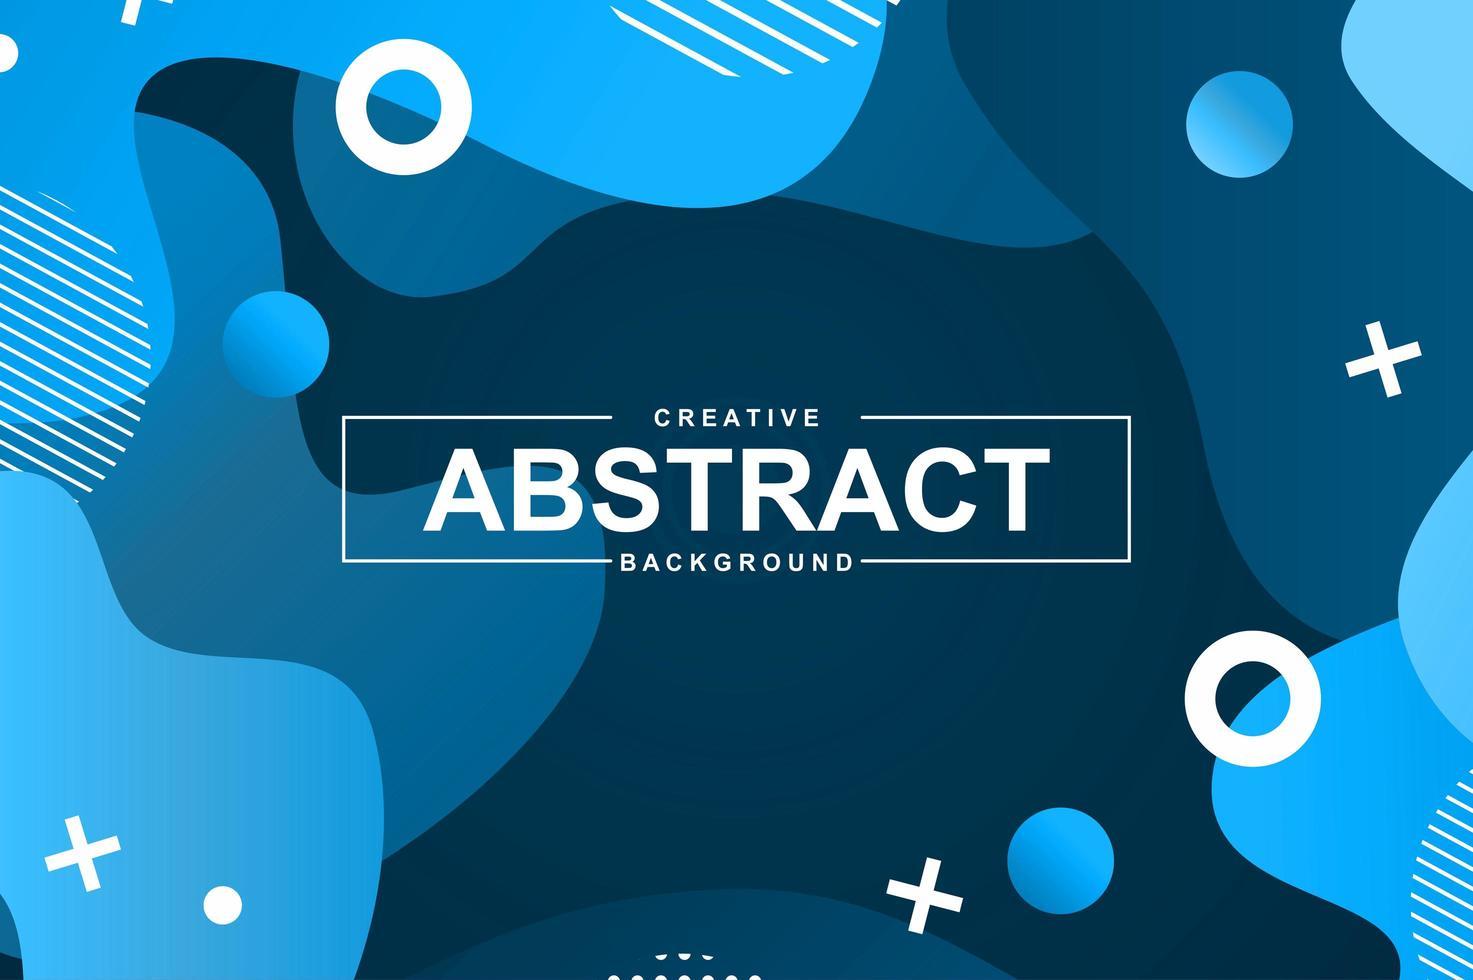 abstrakt design med blå flytande lutningsformer vektor